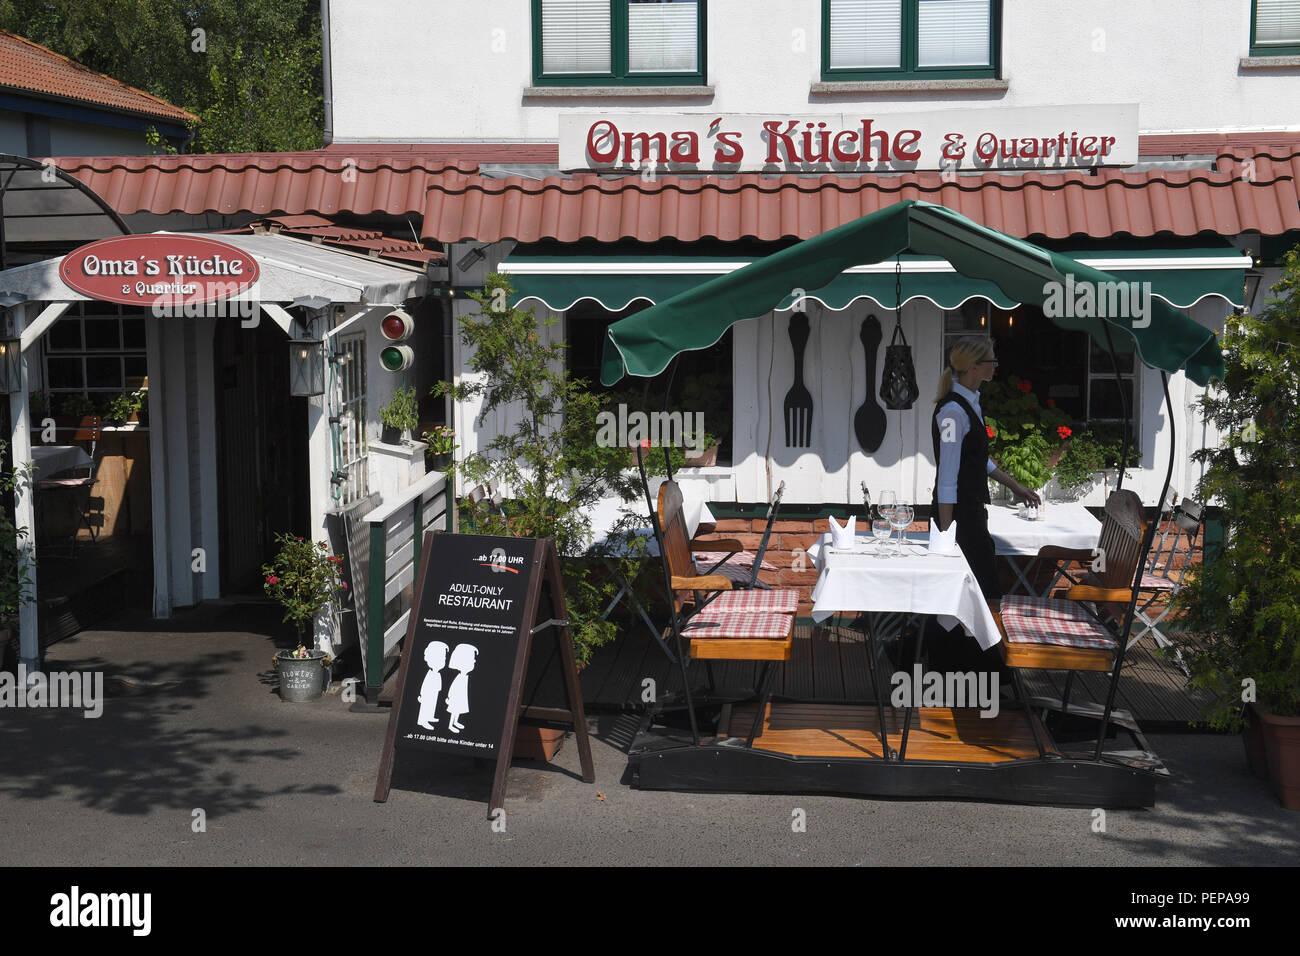 16.08.2018, Mecklenburg-Vorpommern, Binz: ein Schild mit der ...